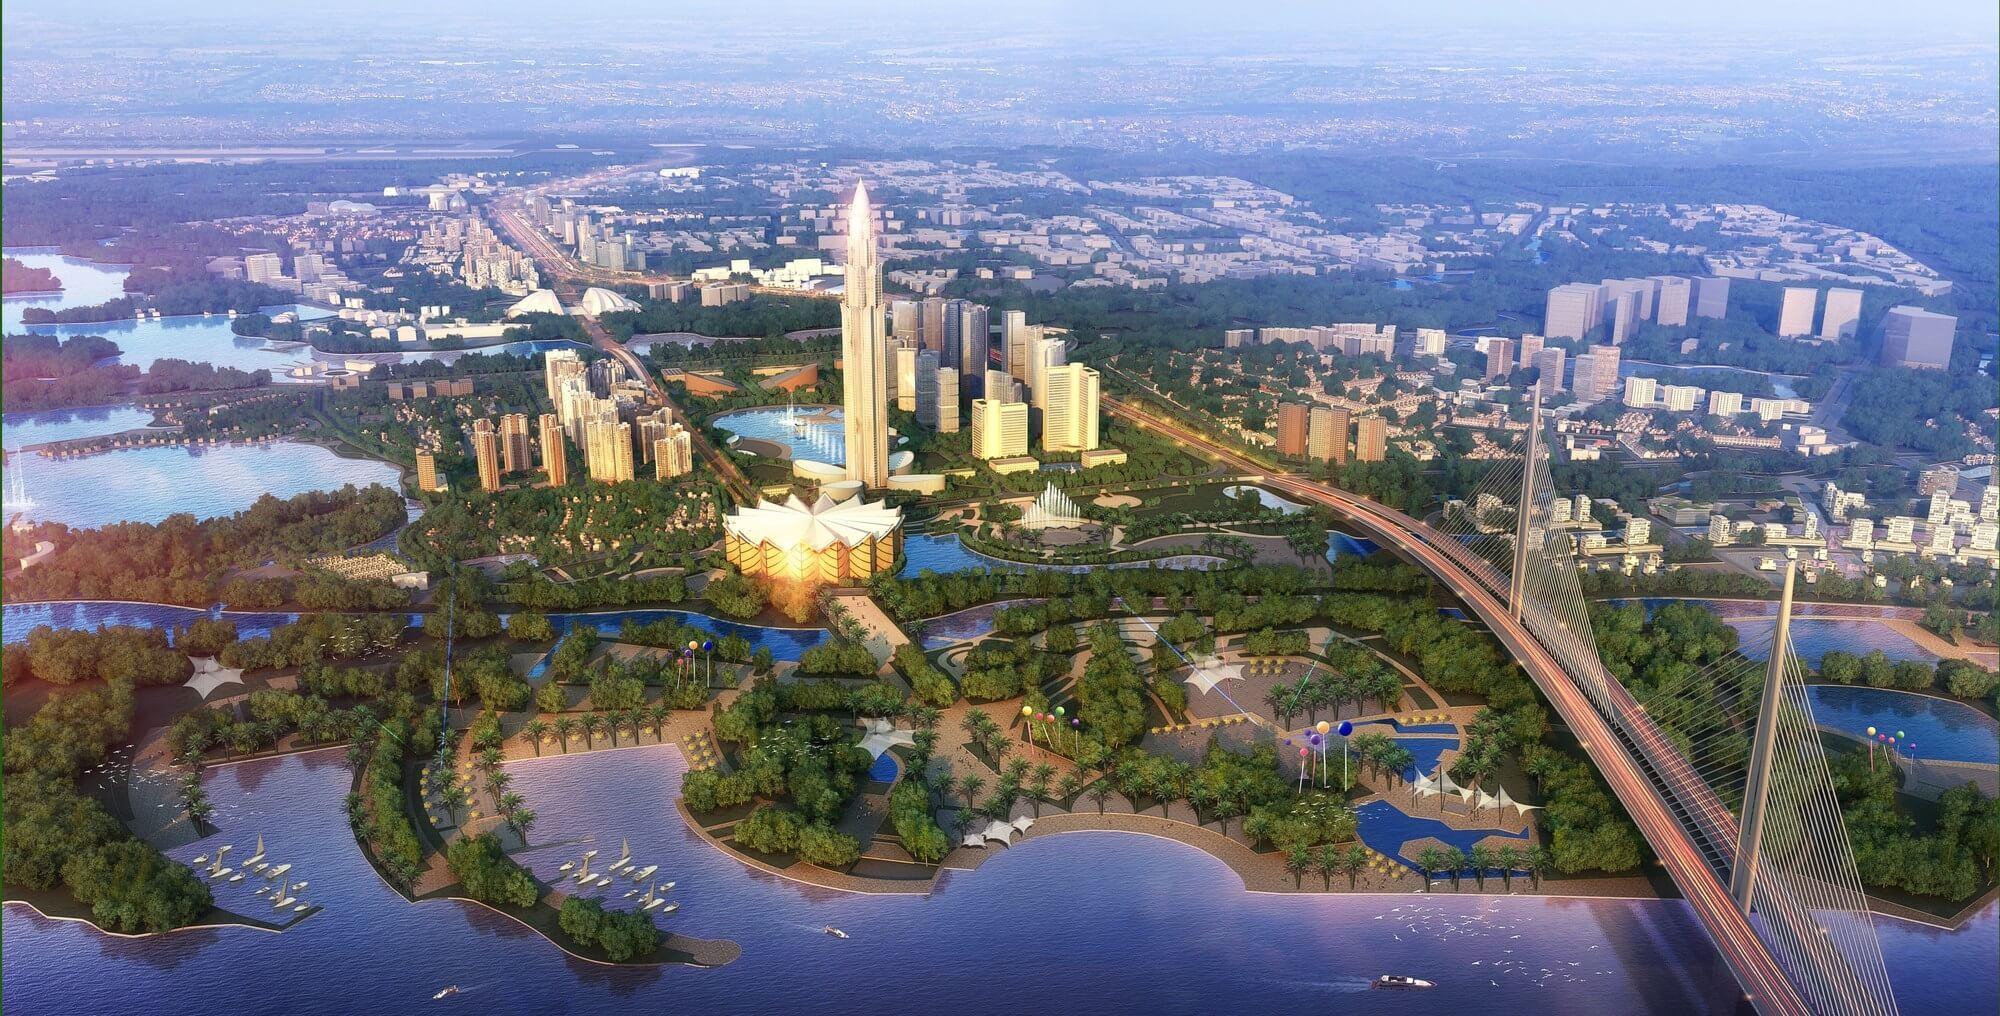 Hình ảnh tuyệt đẹp của dự án thành phố thông minh.